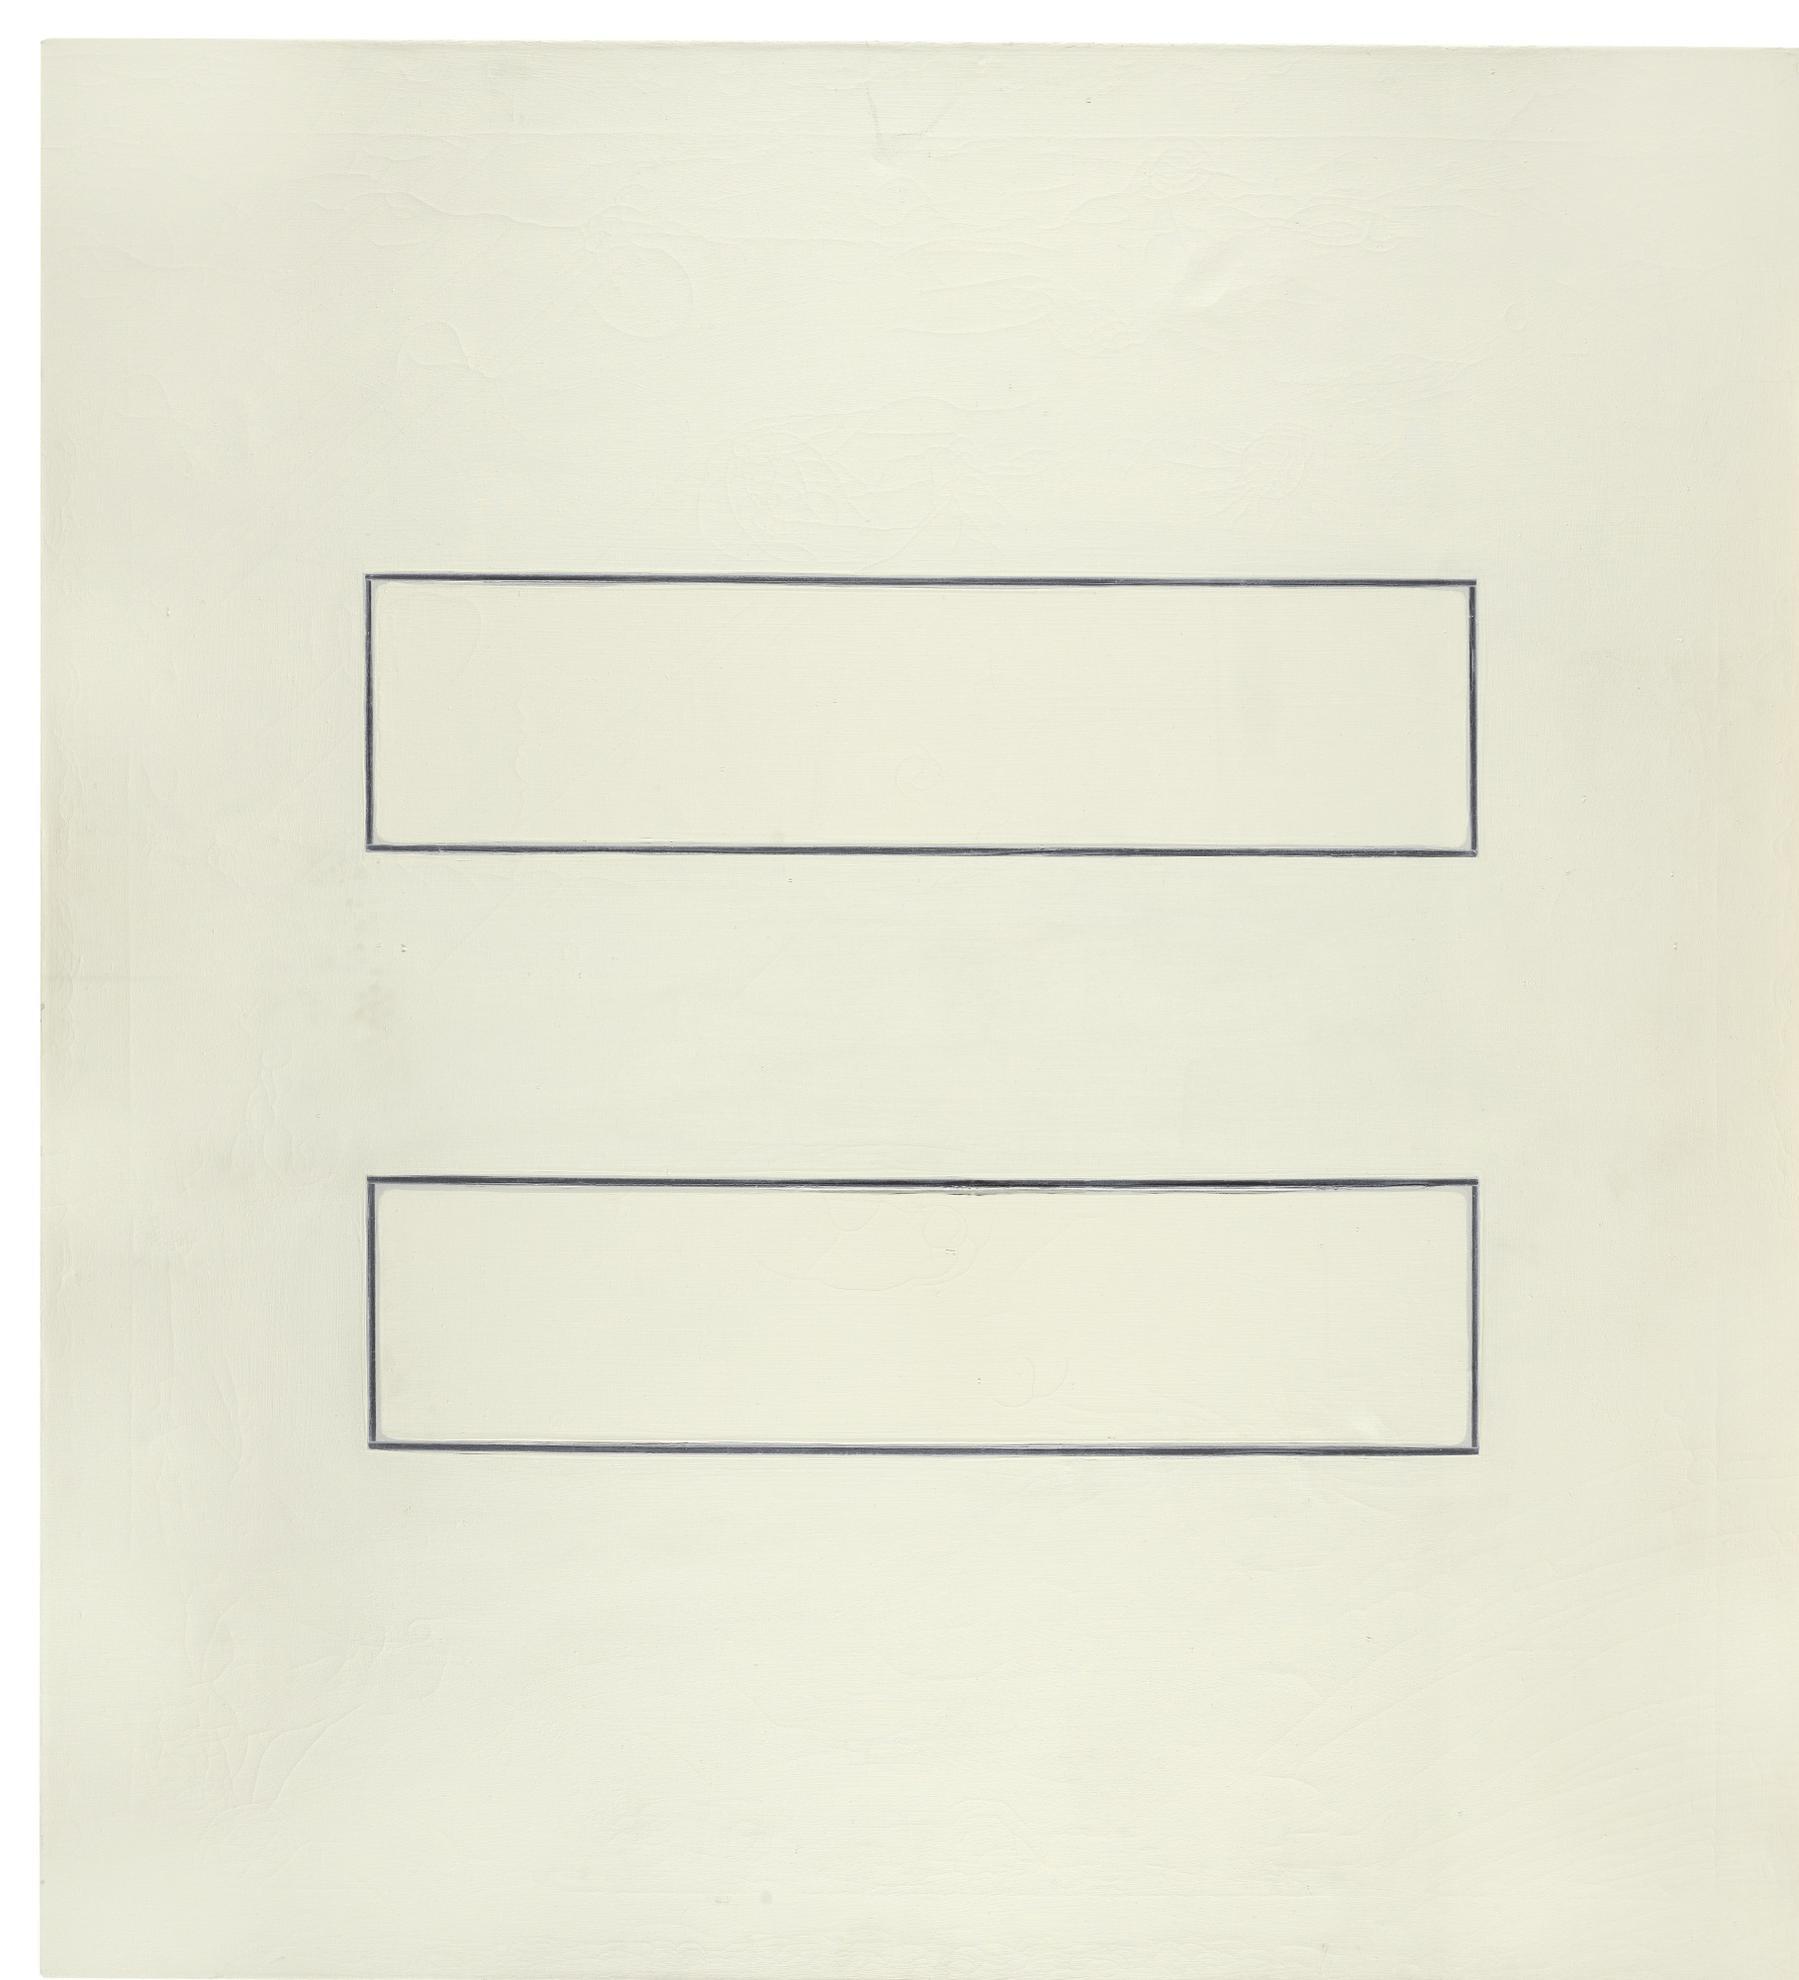 Ulrich Erben-Untitled-1974